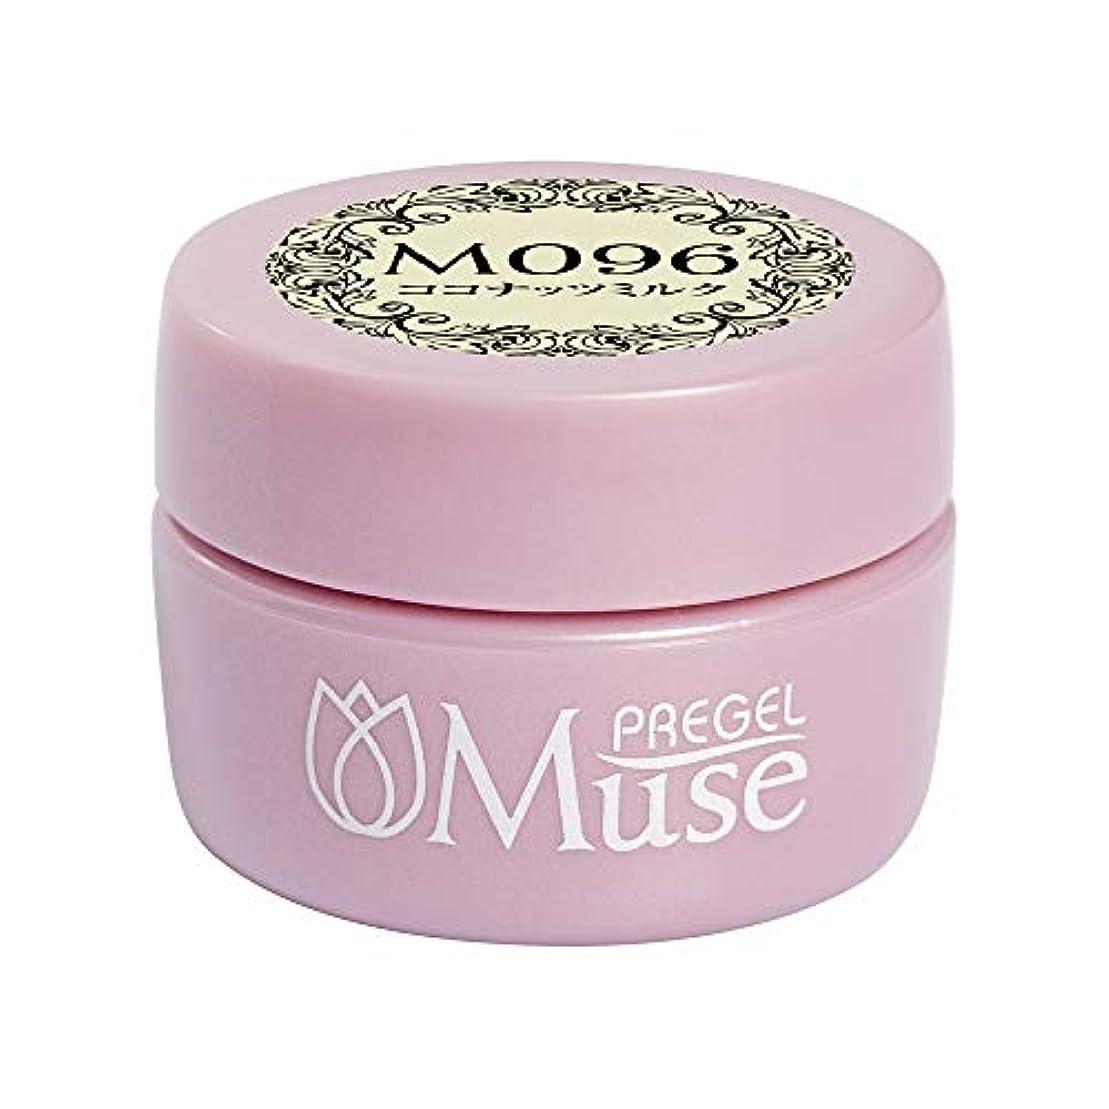 PREGEL Muse カラージェル ココナッツミルク96 4g PGM-M096